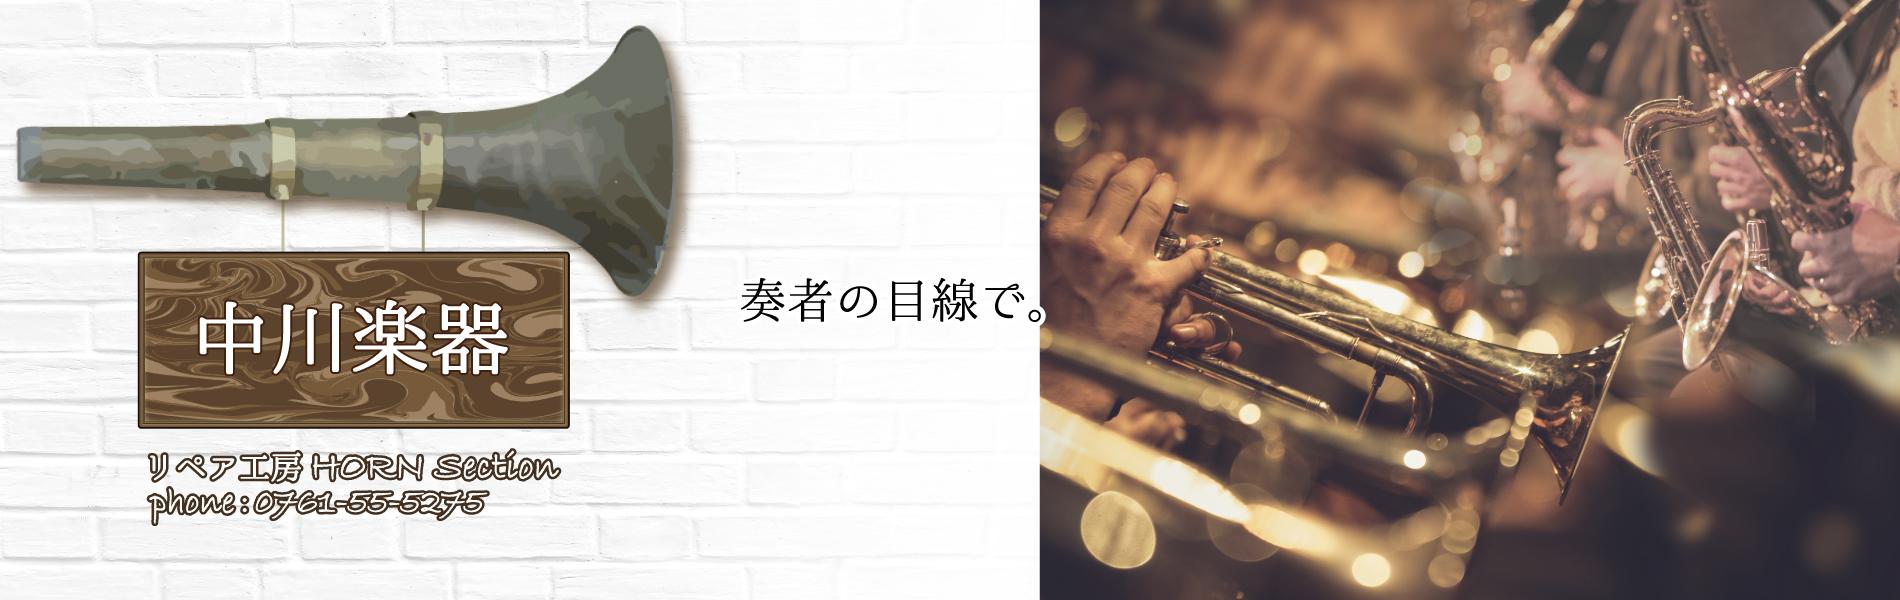 中川楽器-奏者の目線で-